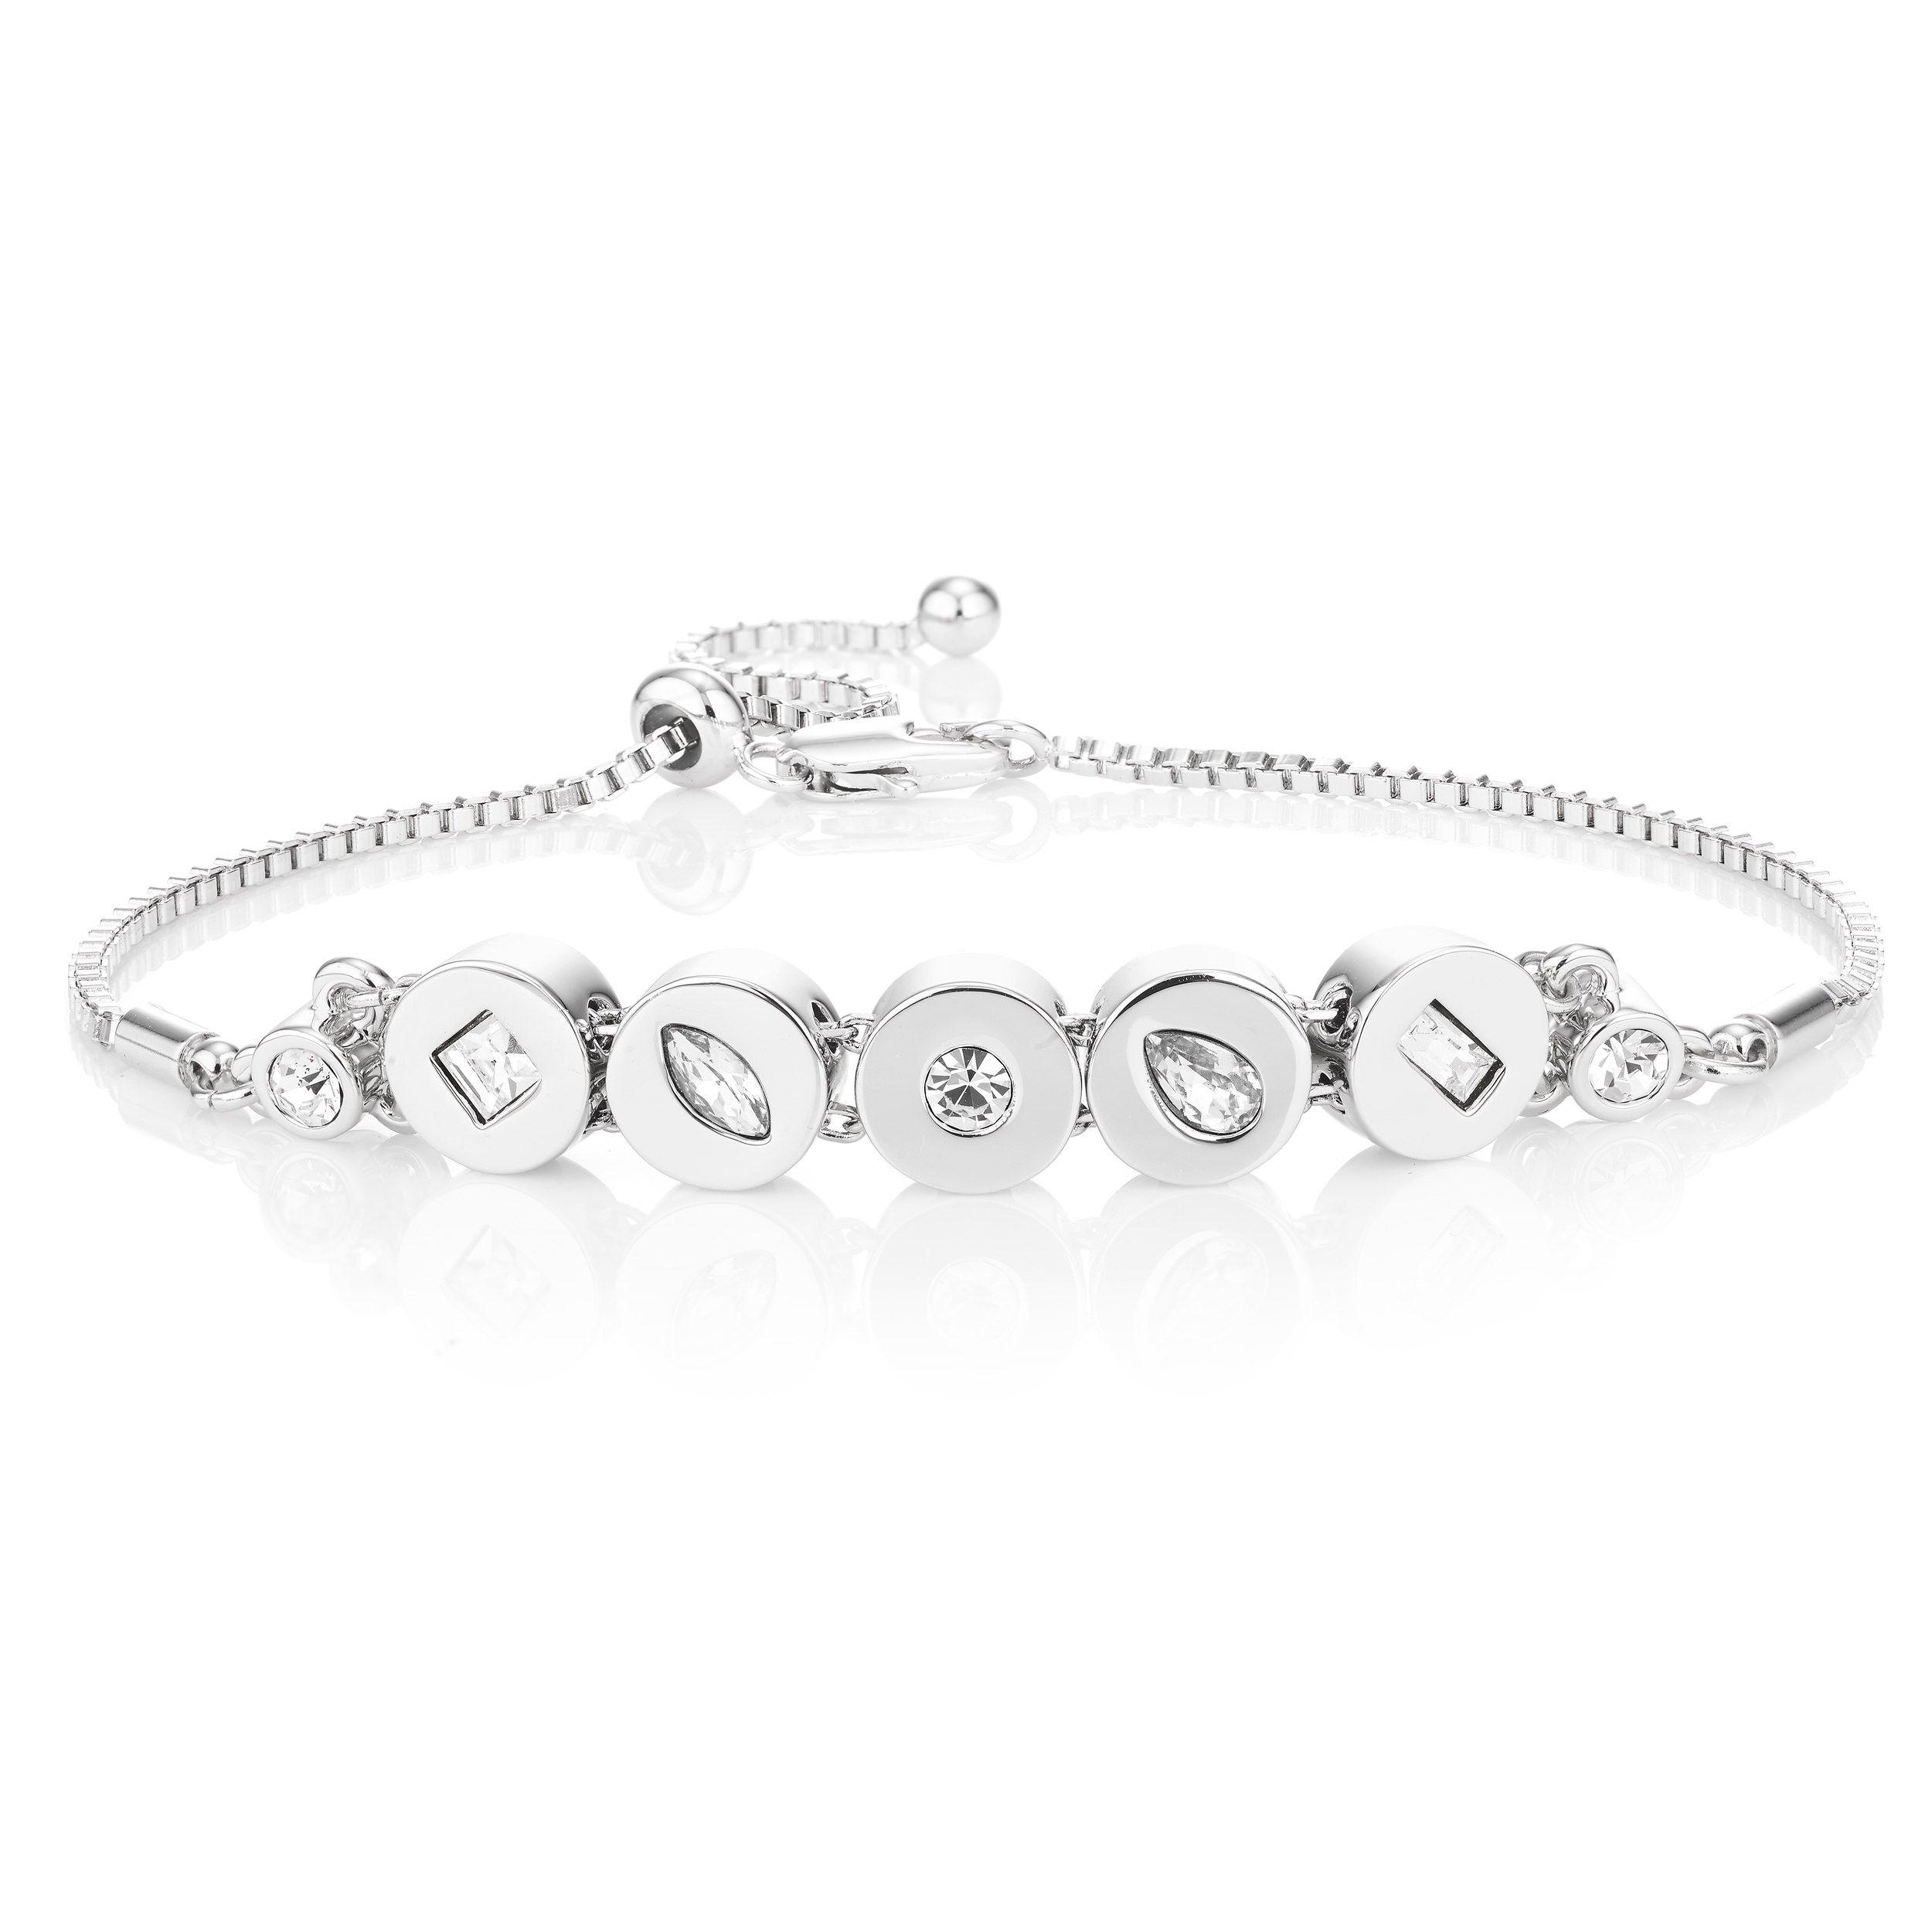 Buckley London Knightley Friendship Bracelet - Silver